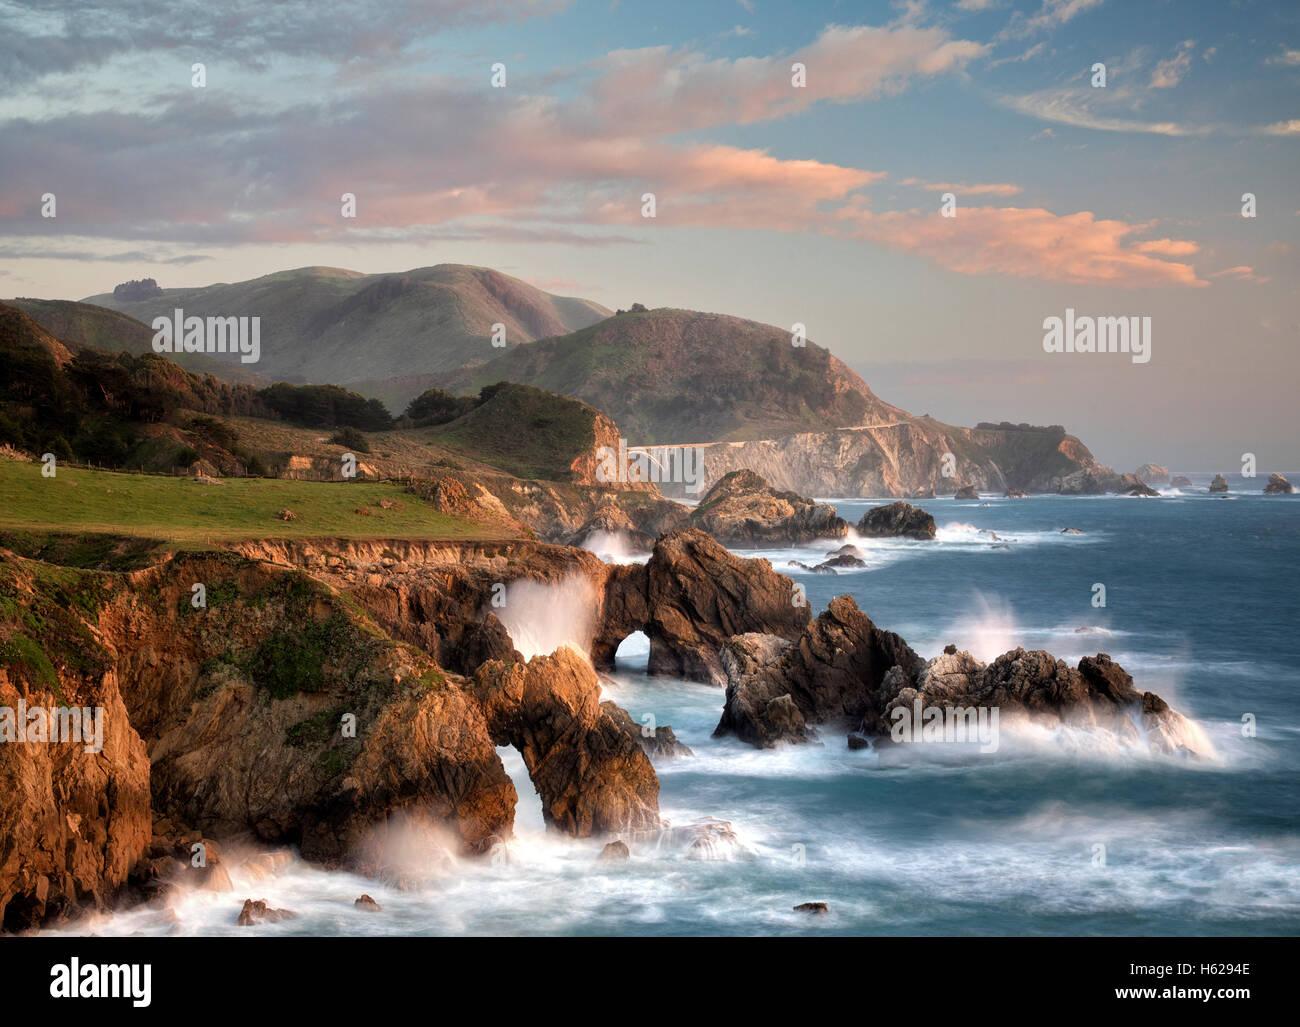 Los arcos y las olas en la costa de Big Sur, California Imagen De Stock